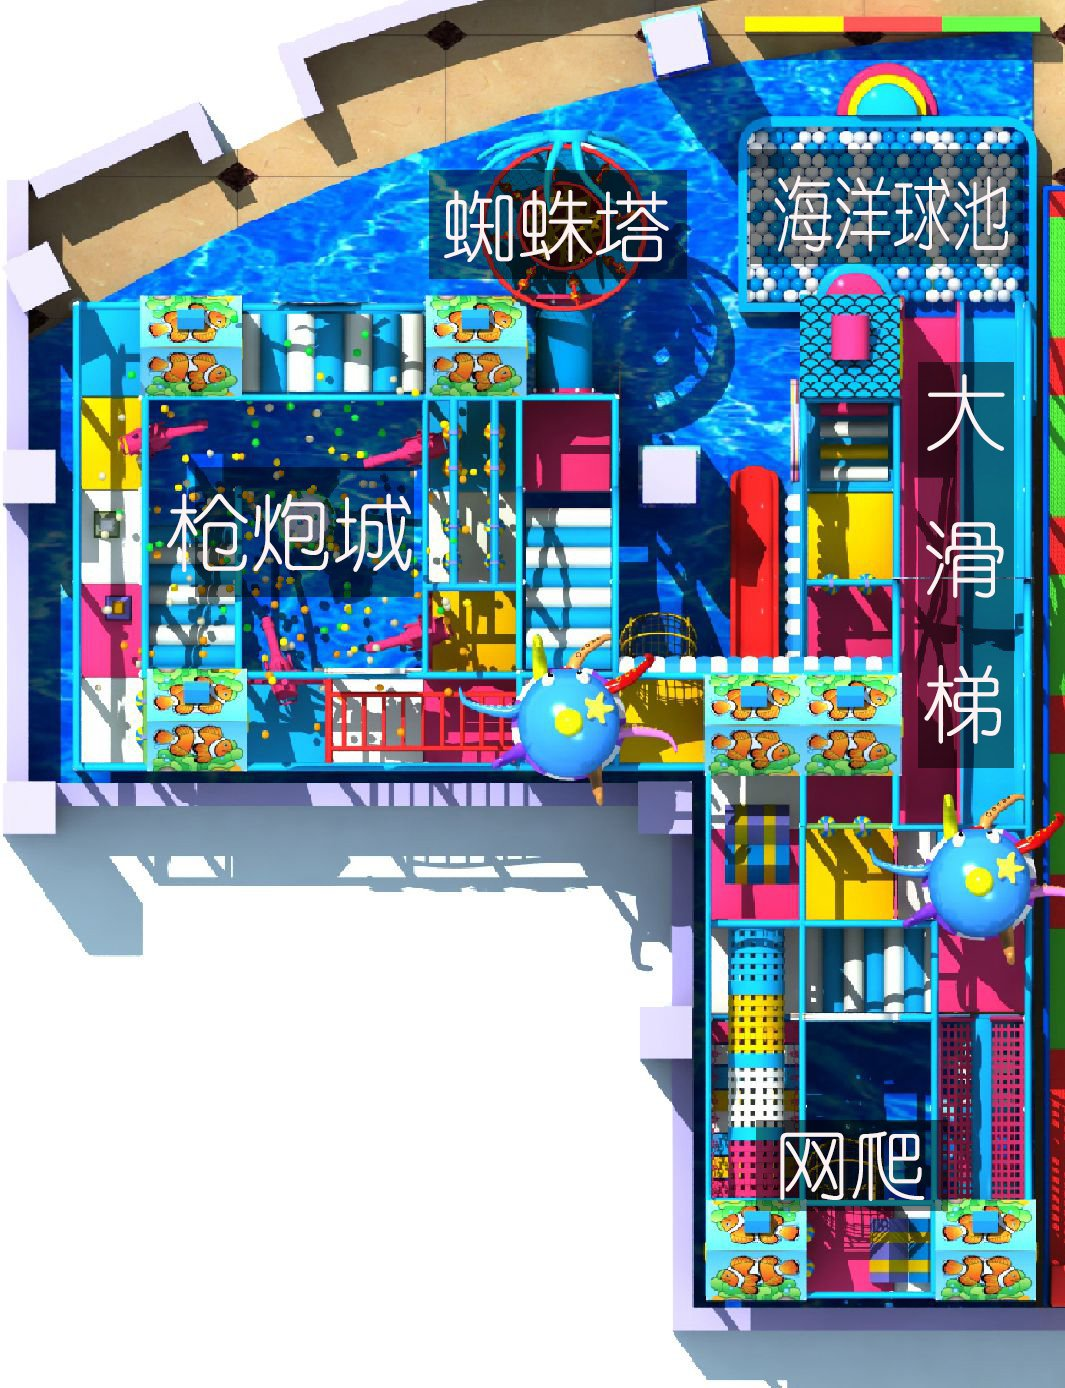 口袋屋儿童淘气堡效果图功能项目展示.jpg